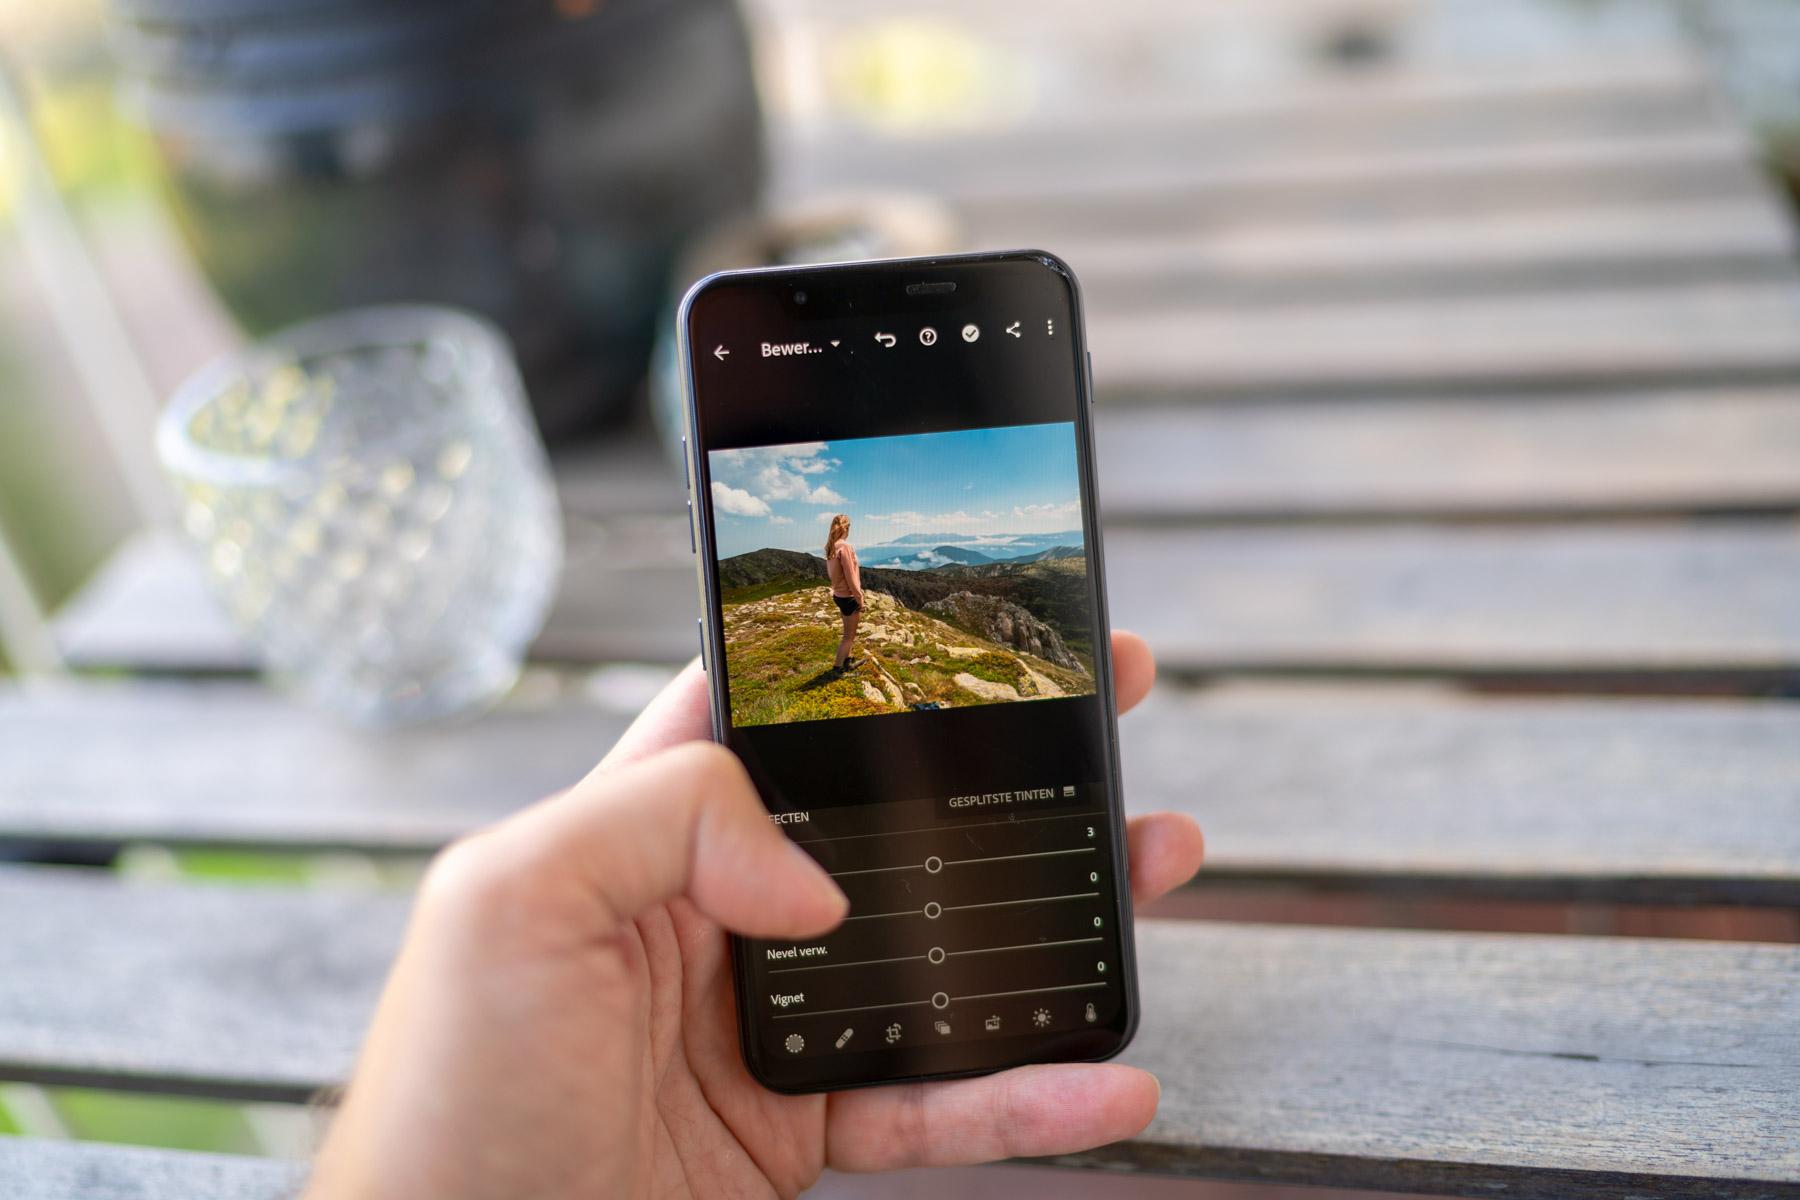 Foto's bewerken op je smartphone met een (gratis) app